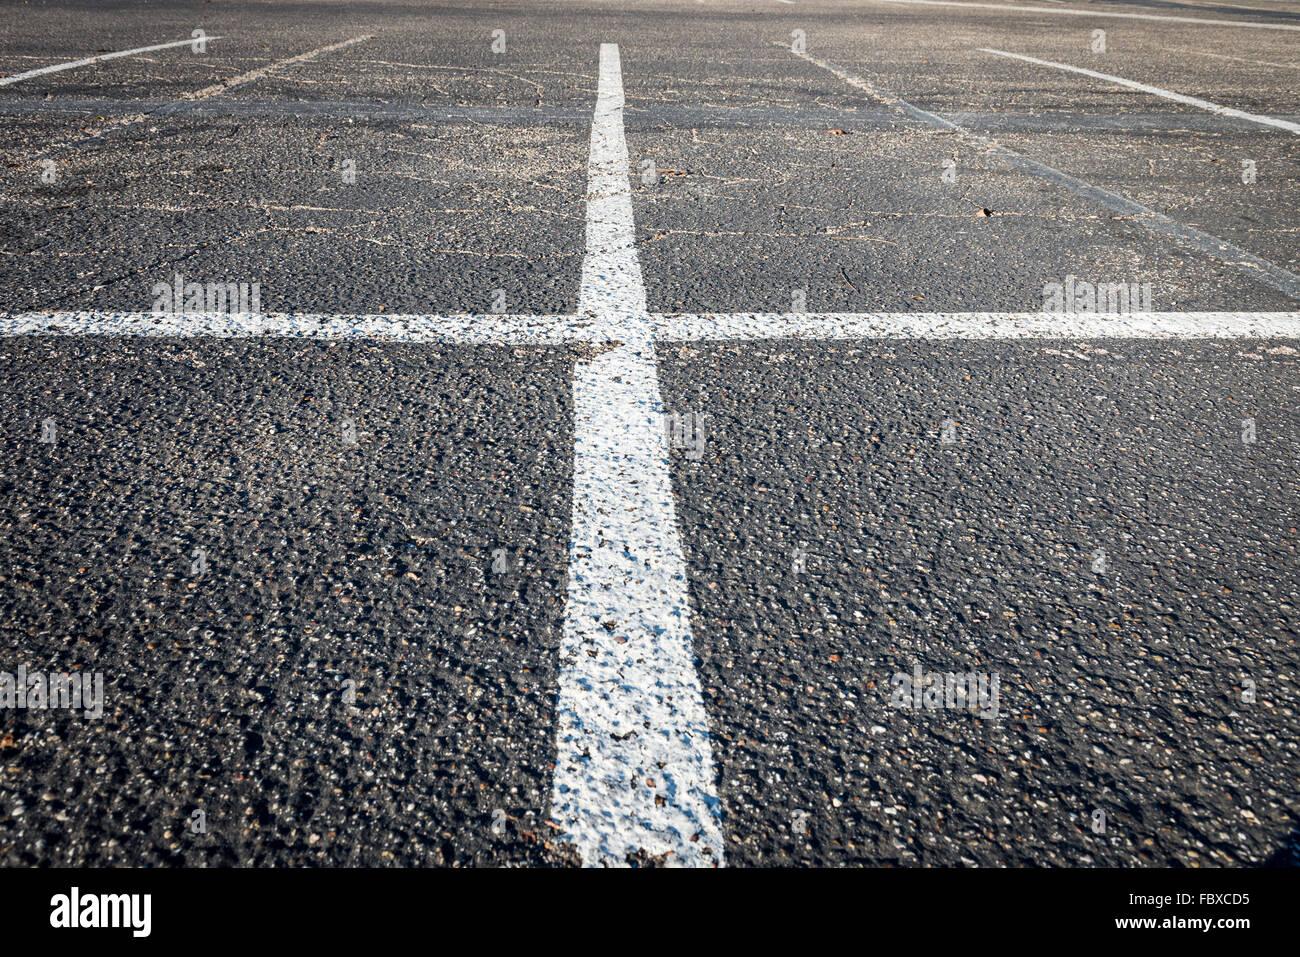 Bianco di due linee di intersezione su asfalto texture del pavimento  Immagini Stock 2a392f4352e